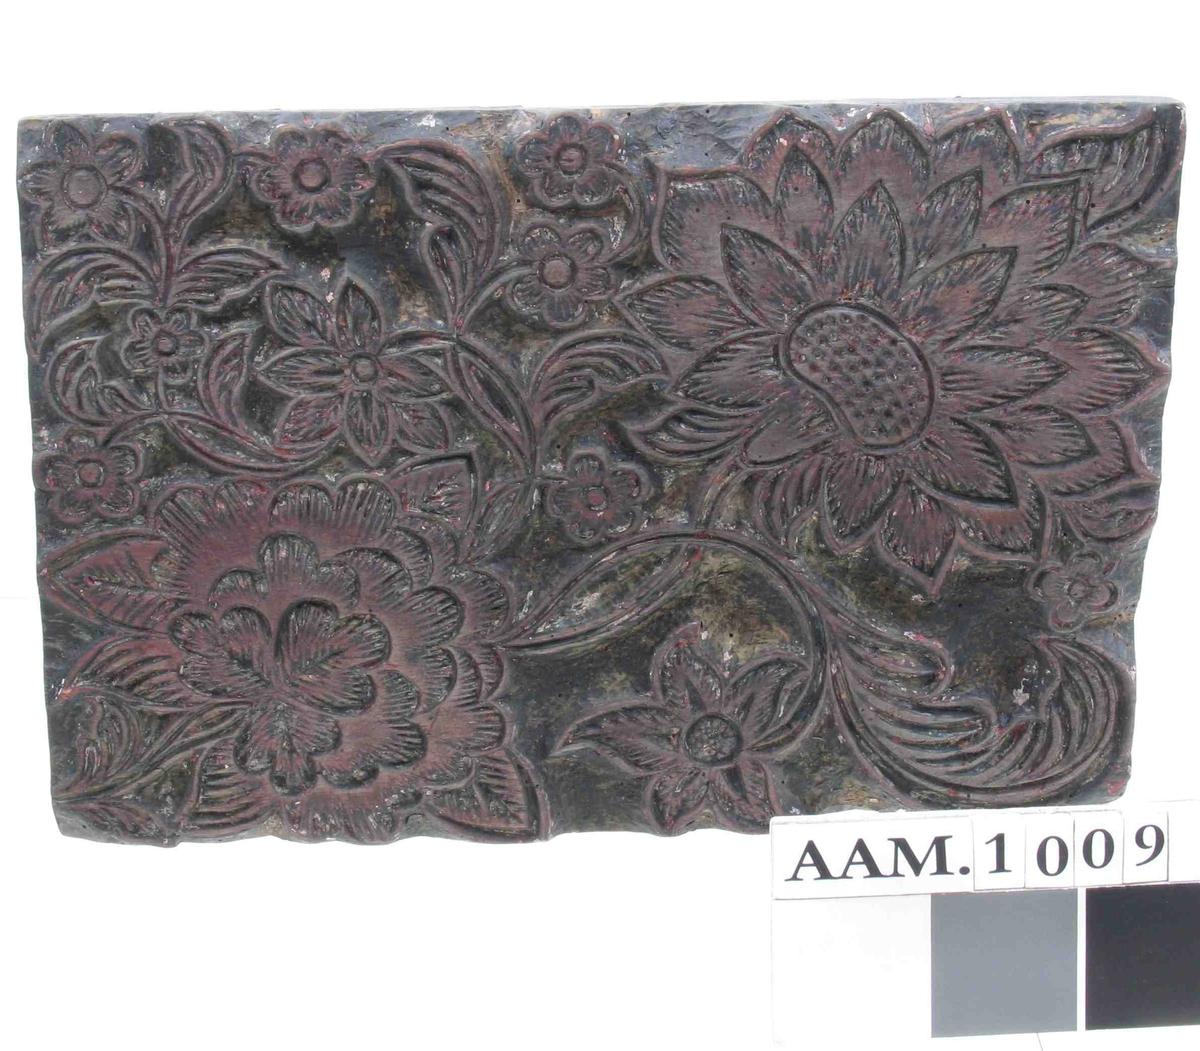 Bonderose lignende mønster der fyller hele  platen   To store blomster med ....ier med  småblomster og blad mellom.